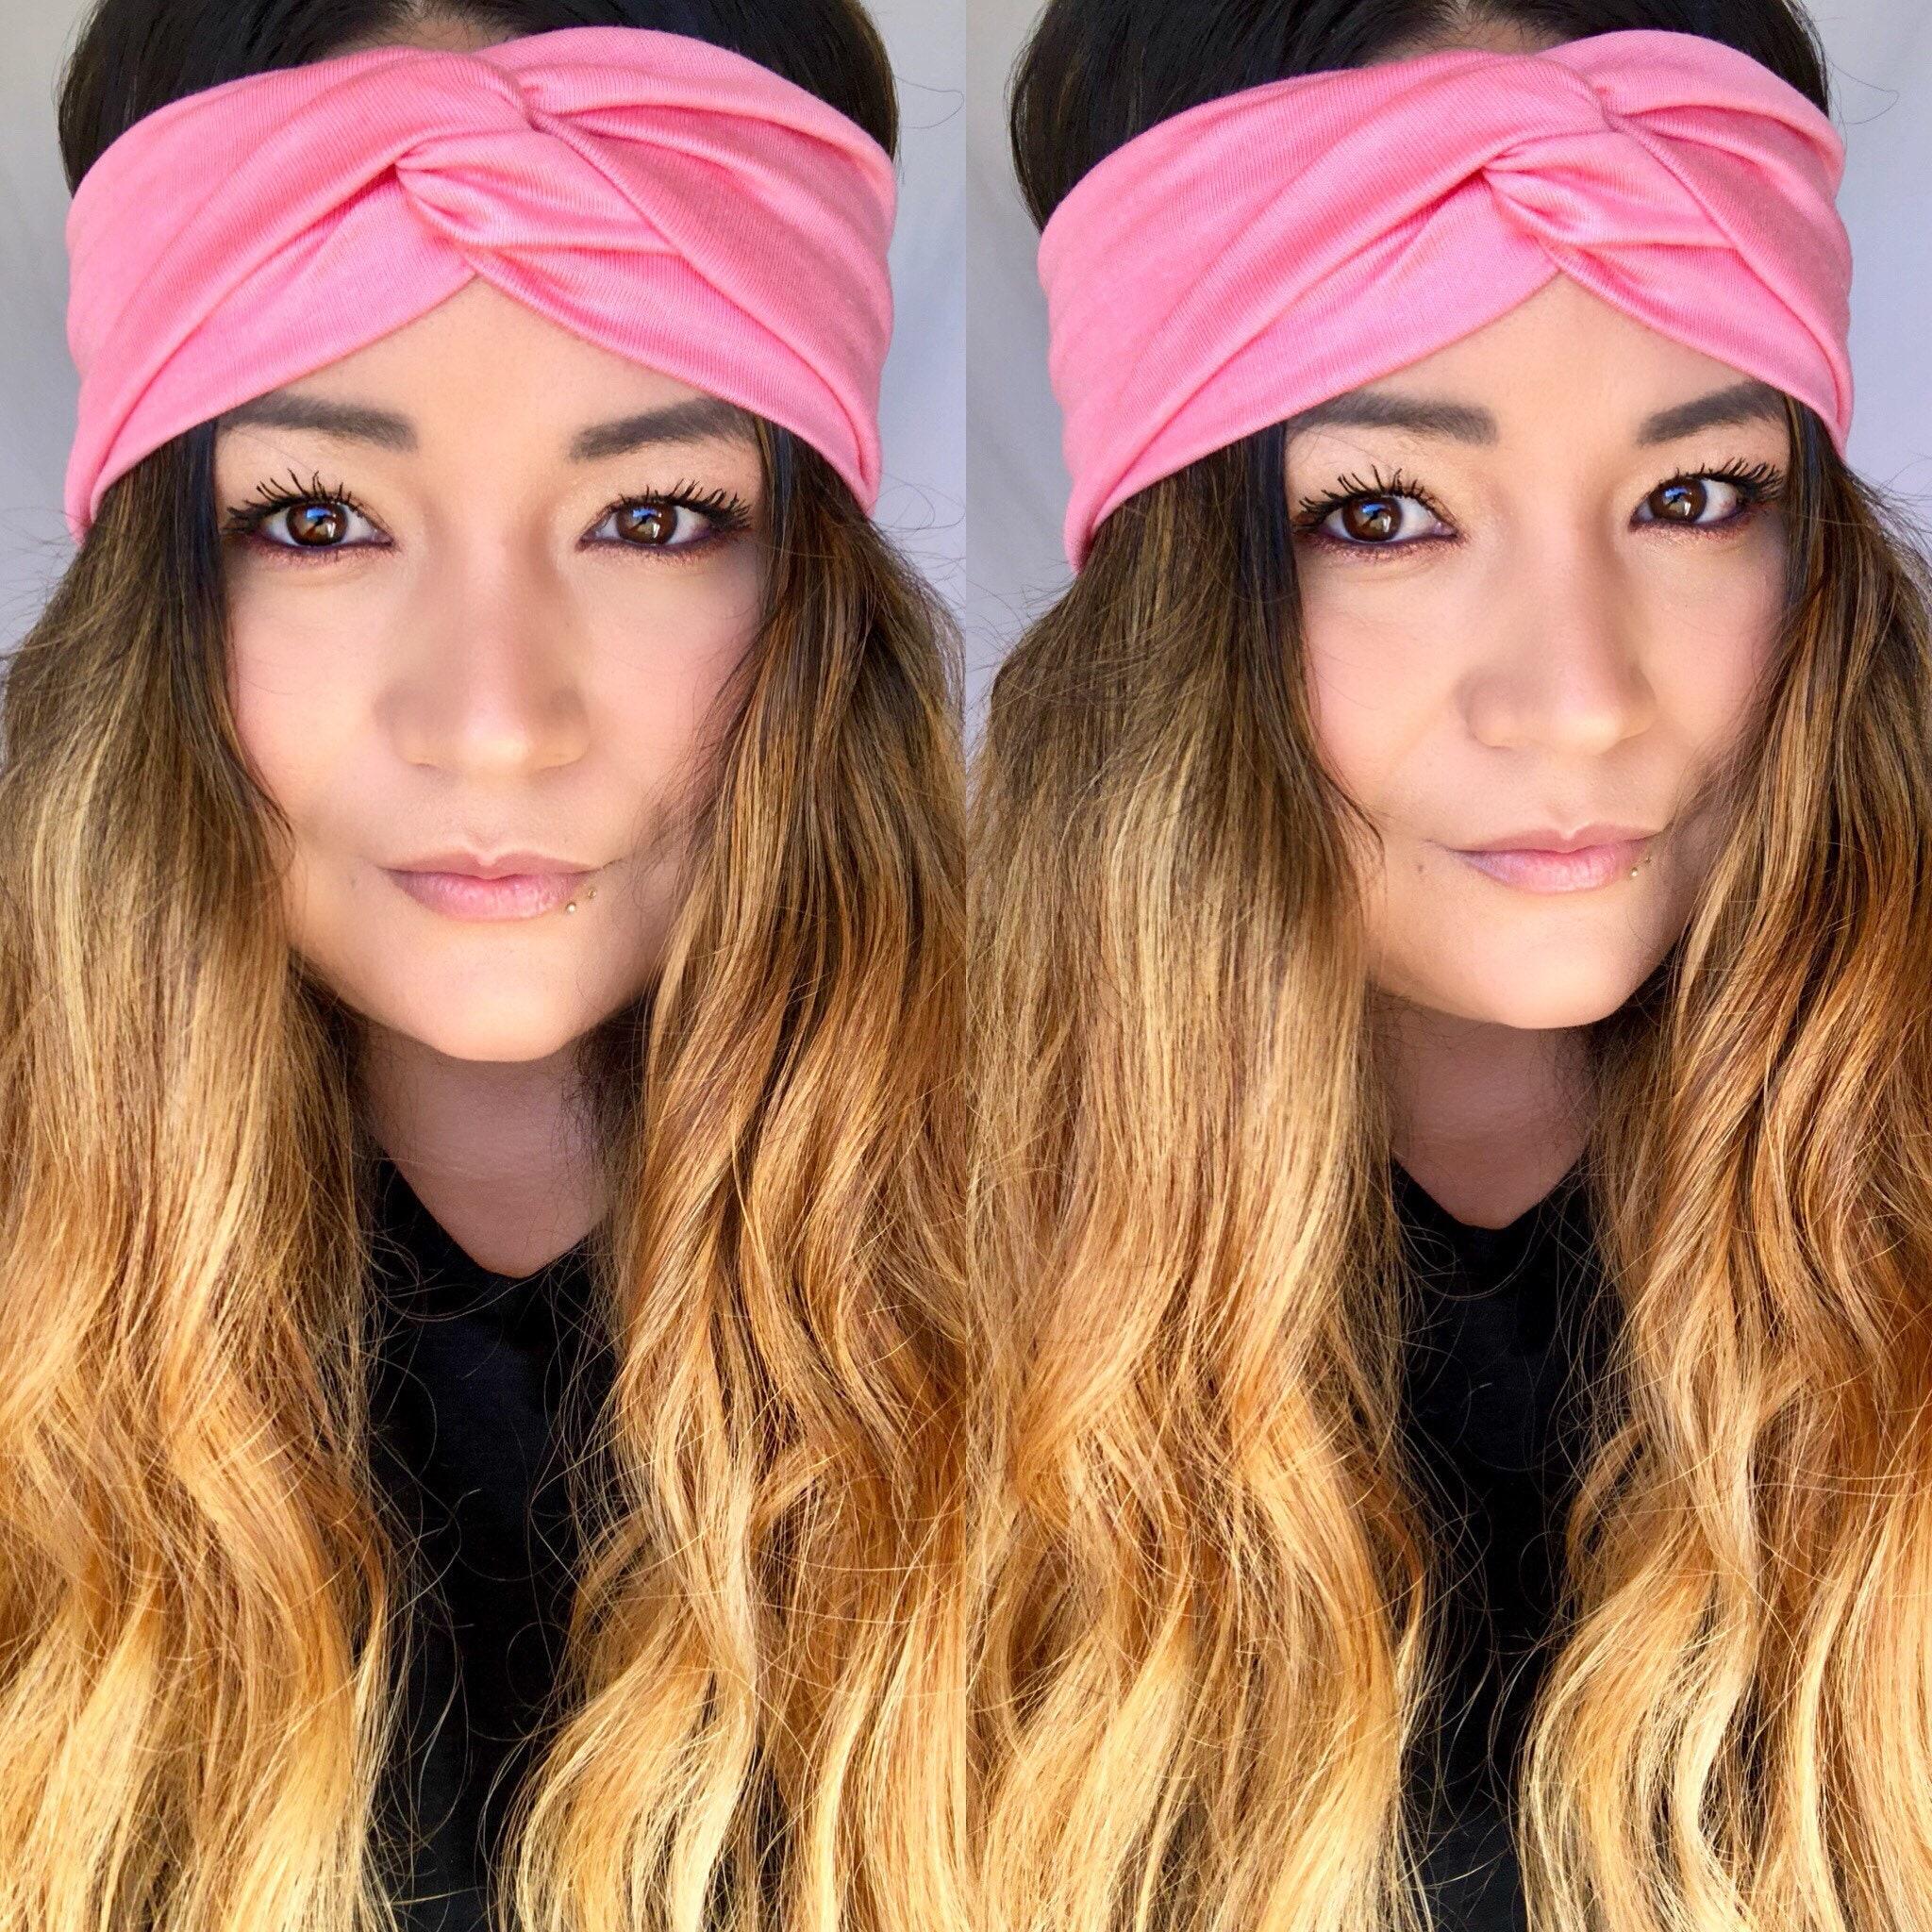 Headband Turban headband jersey pink Top Knot Twist  2d0a9dfc18c